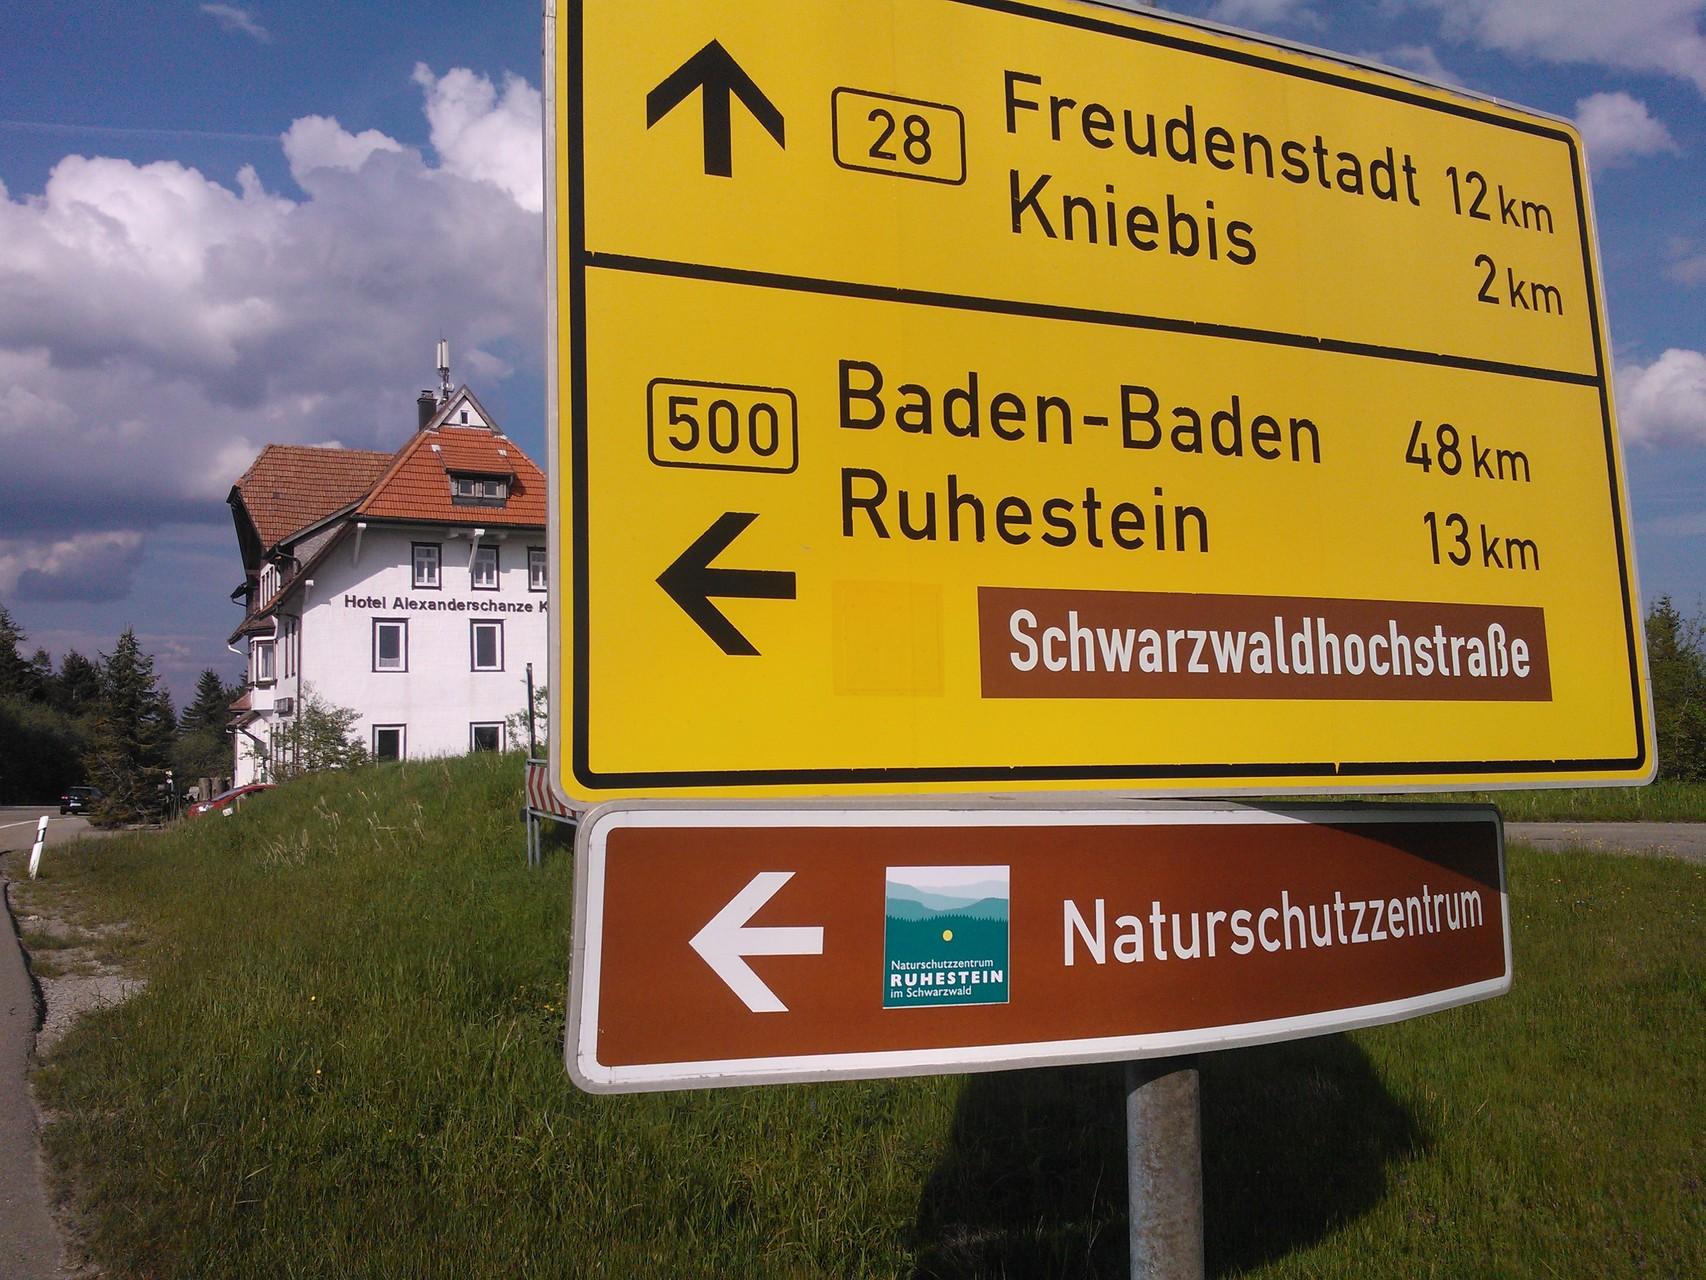 Schwarzwald Hochstrasse